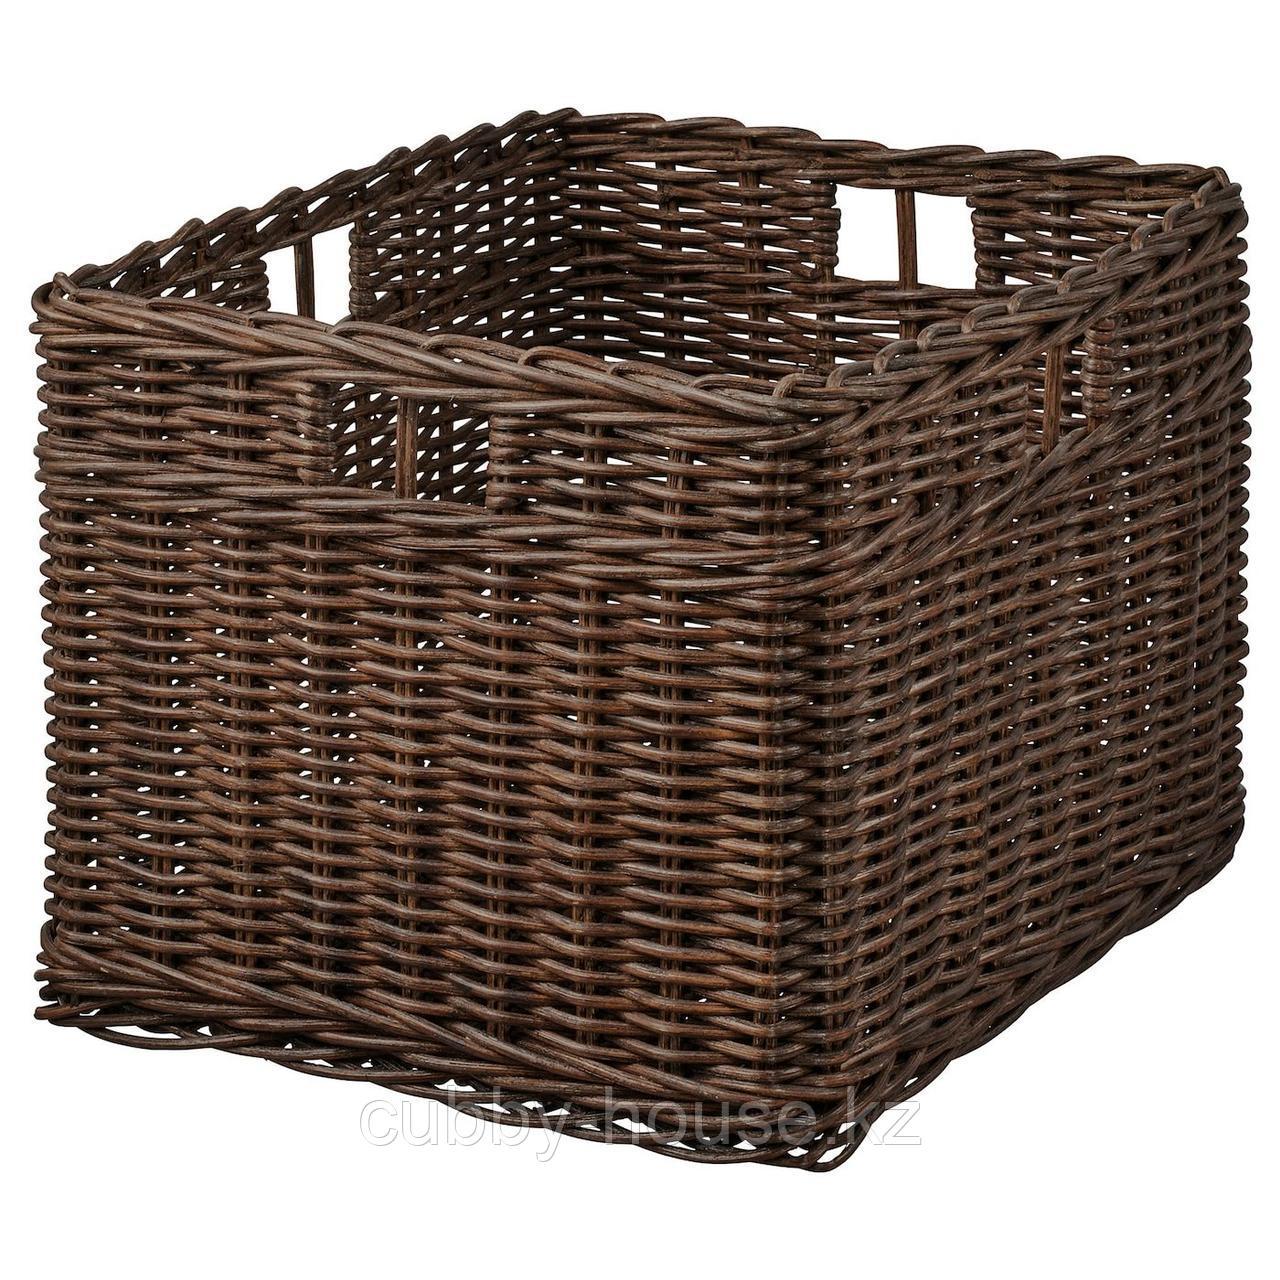 ГАББИГ Корзина, темно-коричневый, 29x38x25 см